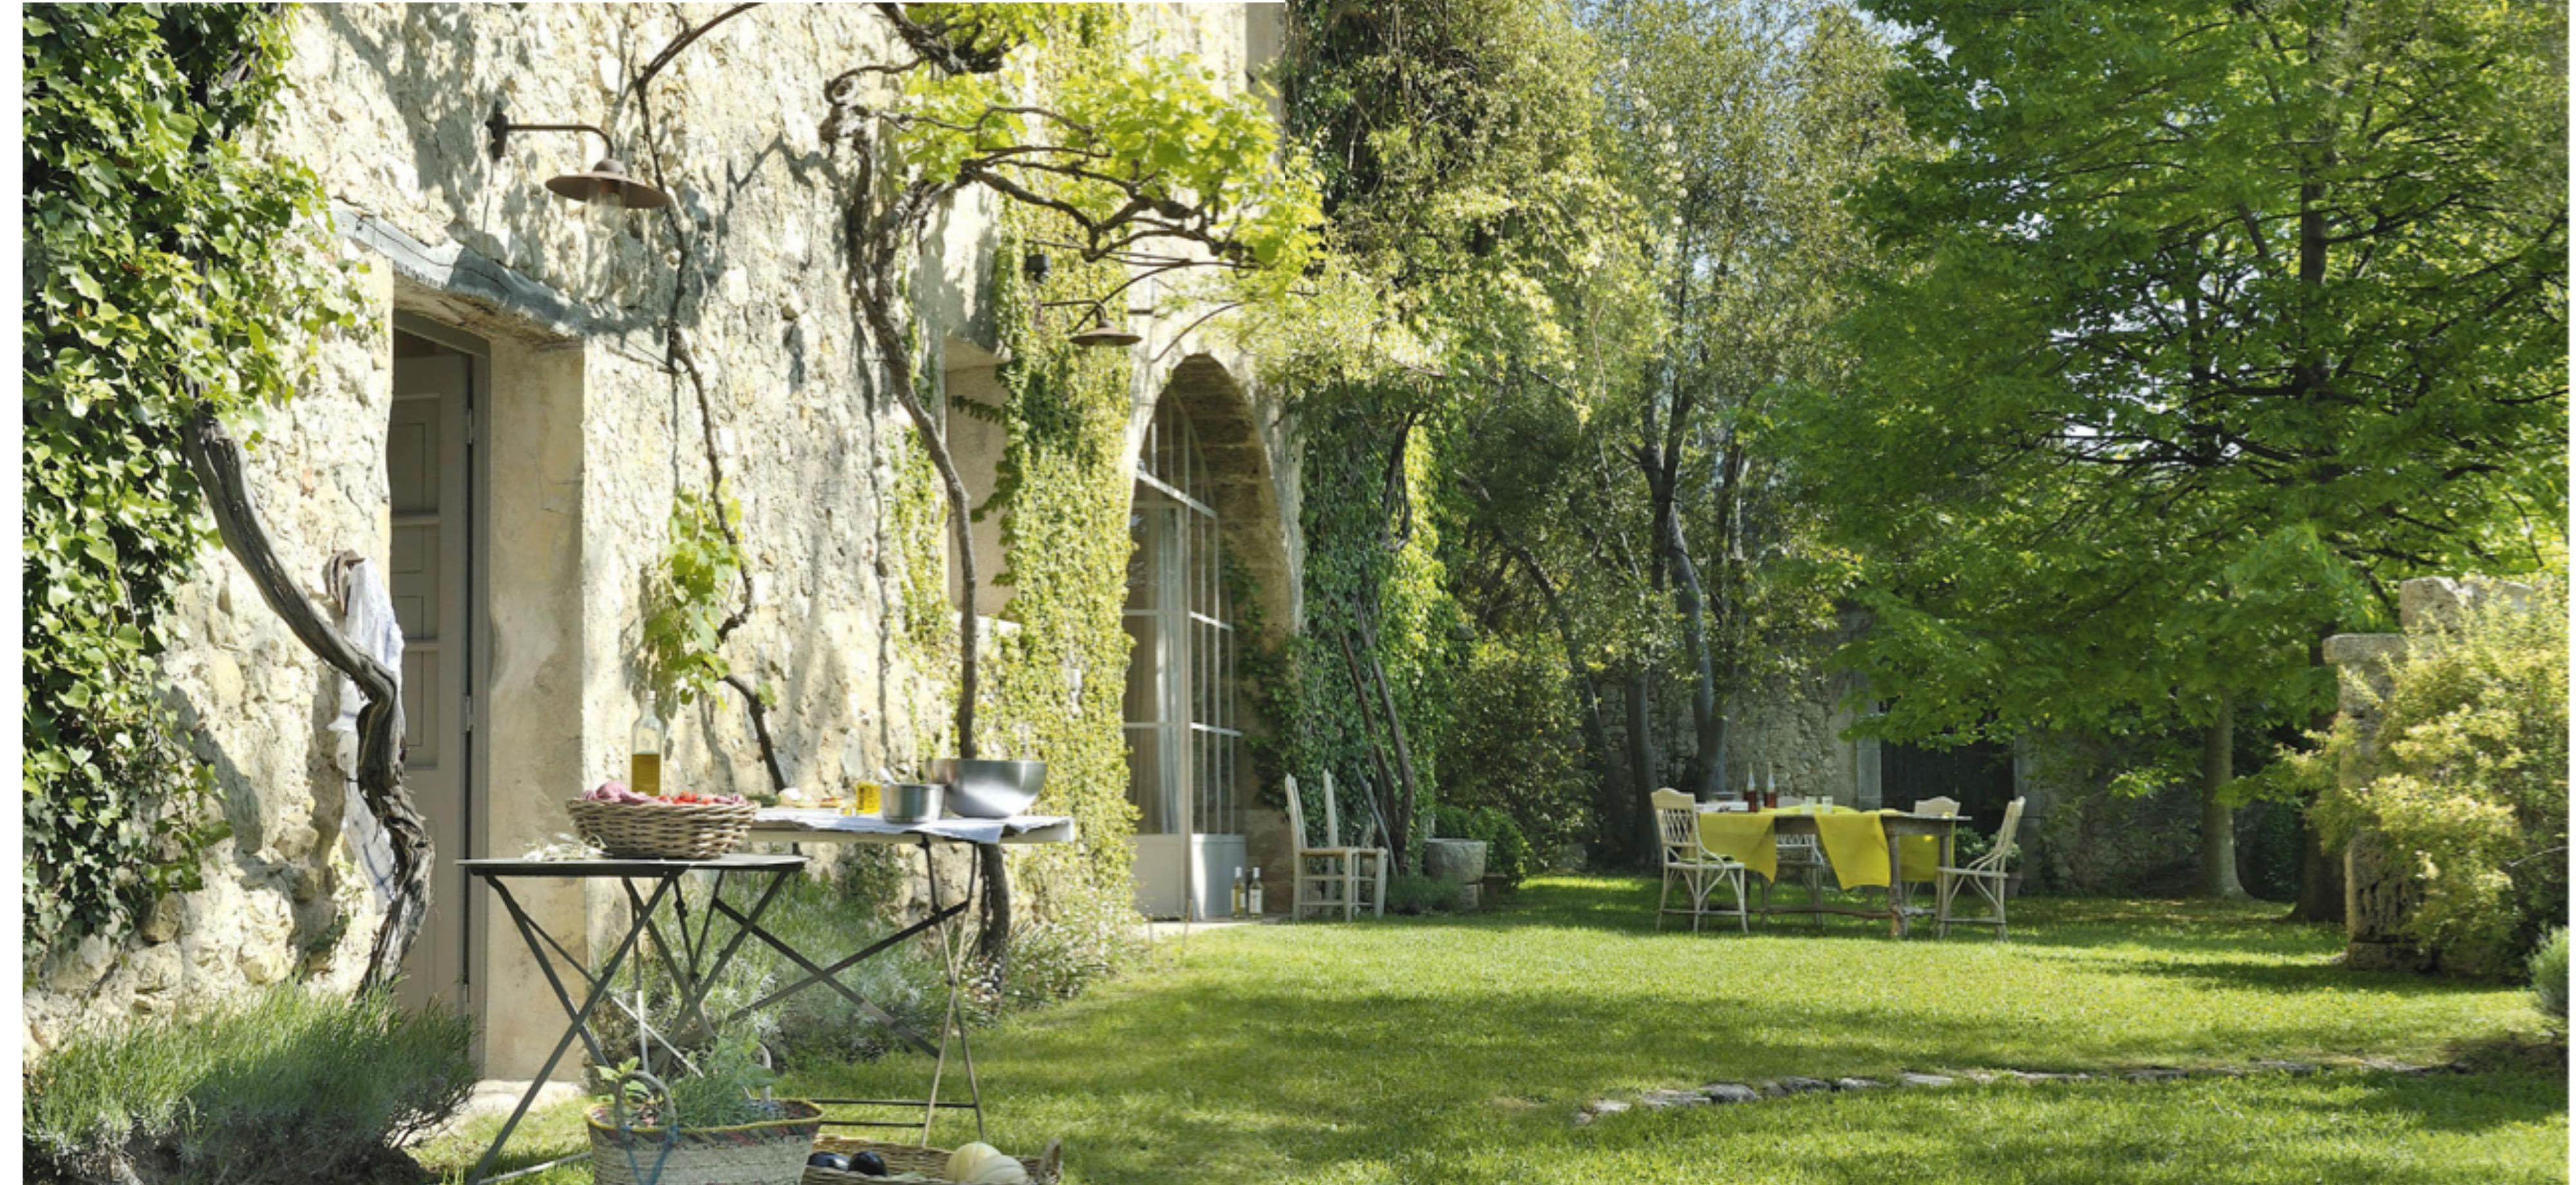 Casale in provenza un equilibrio tra sfarzo e semplicit for Ville architetti famosi